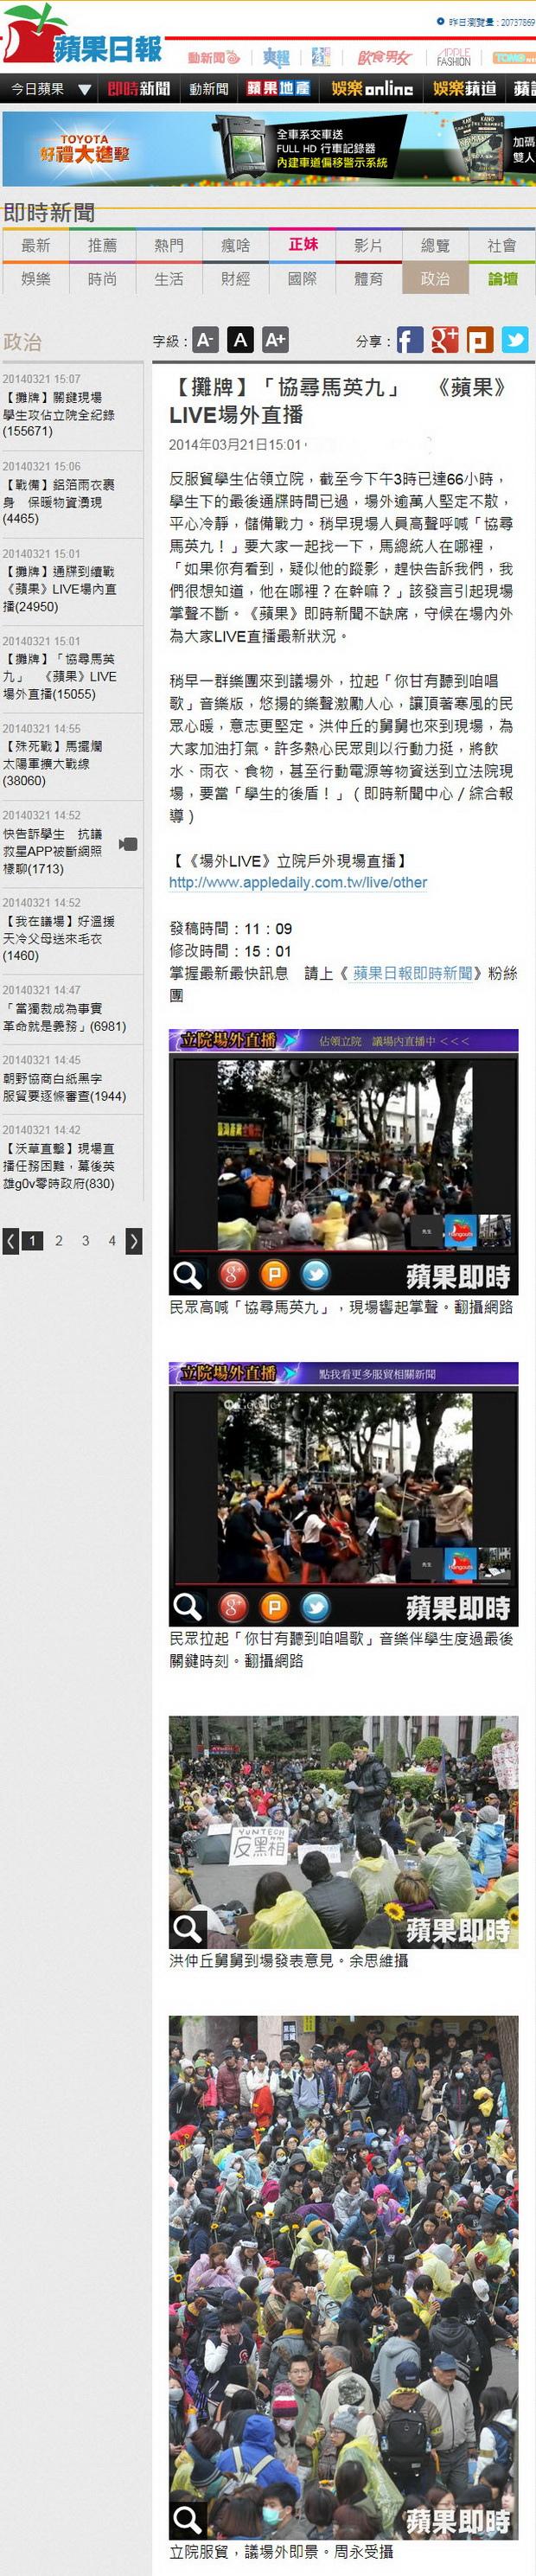 【攤牌】「協尋馬英九」-2014.03.21.jpg